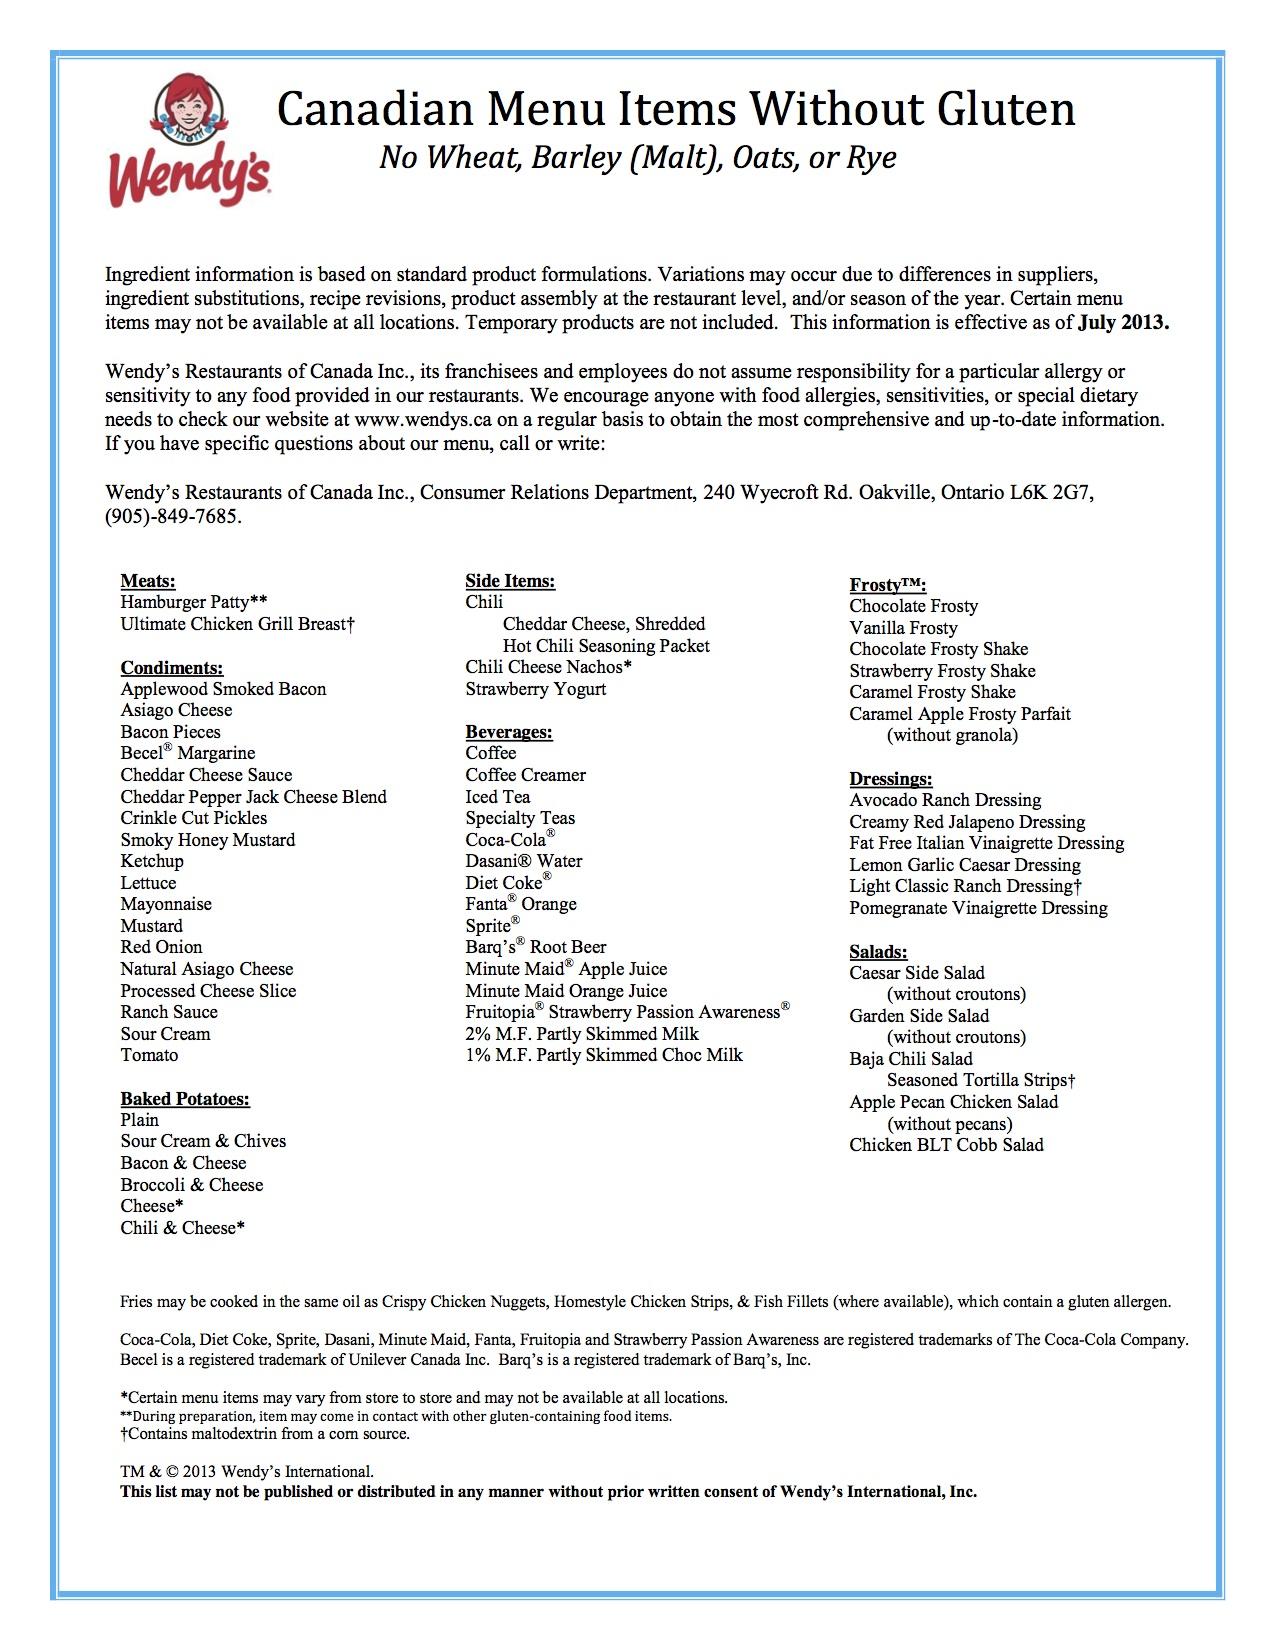 Canadian Wendy's allergen menu- Gluten Free Regina